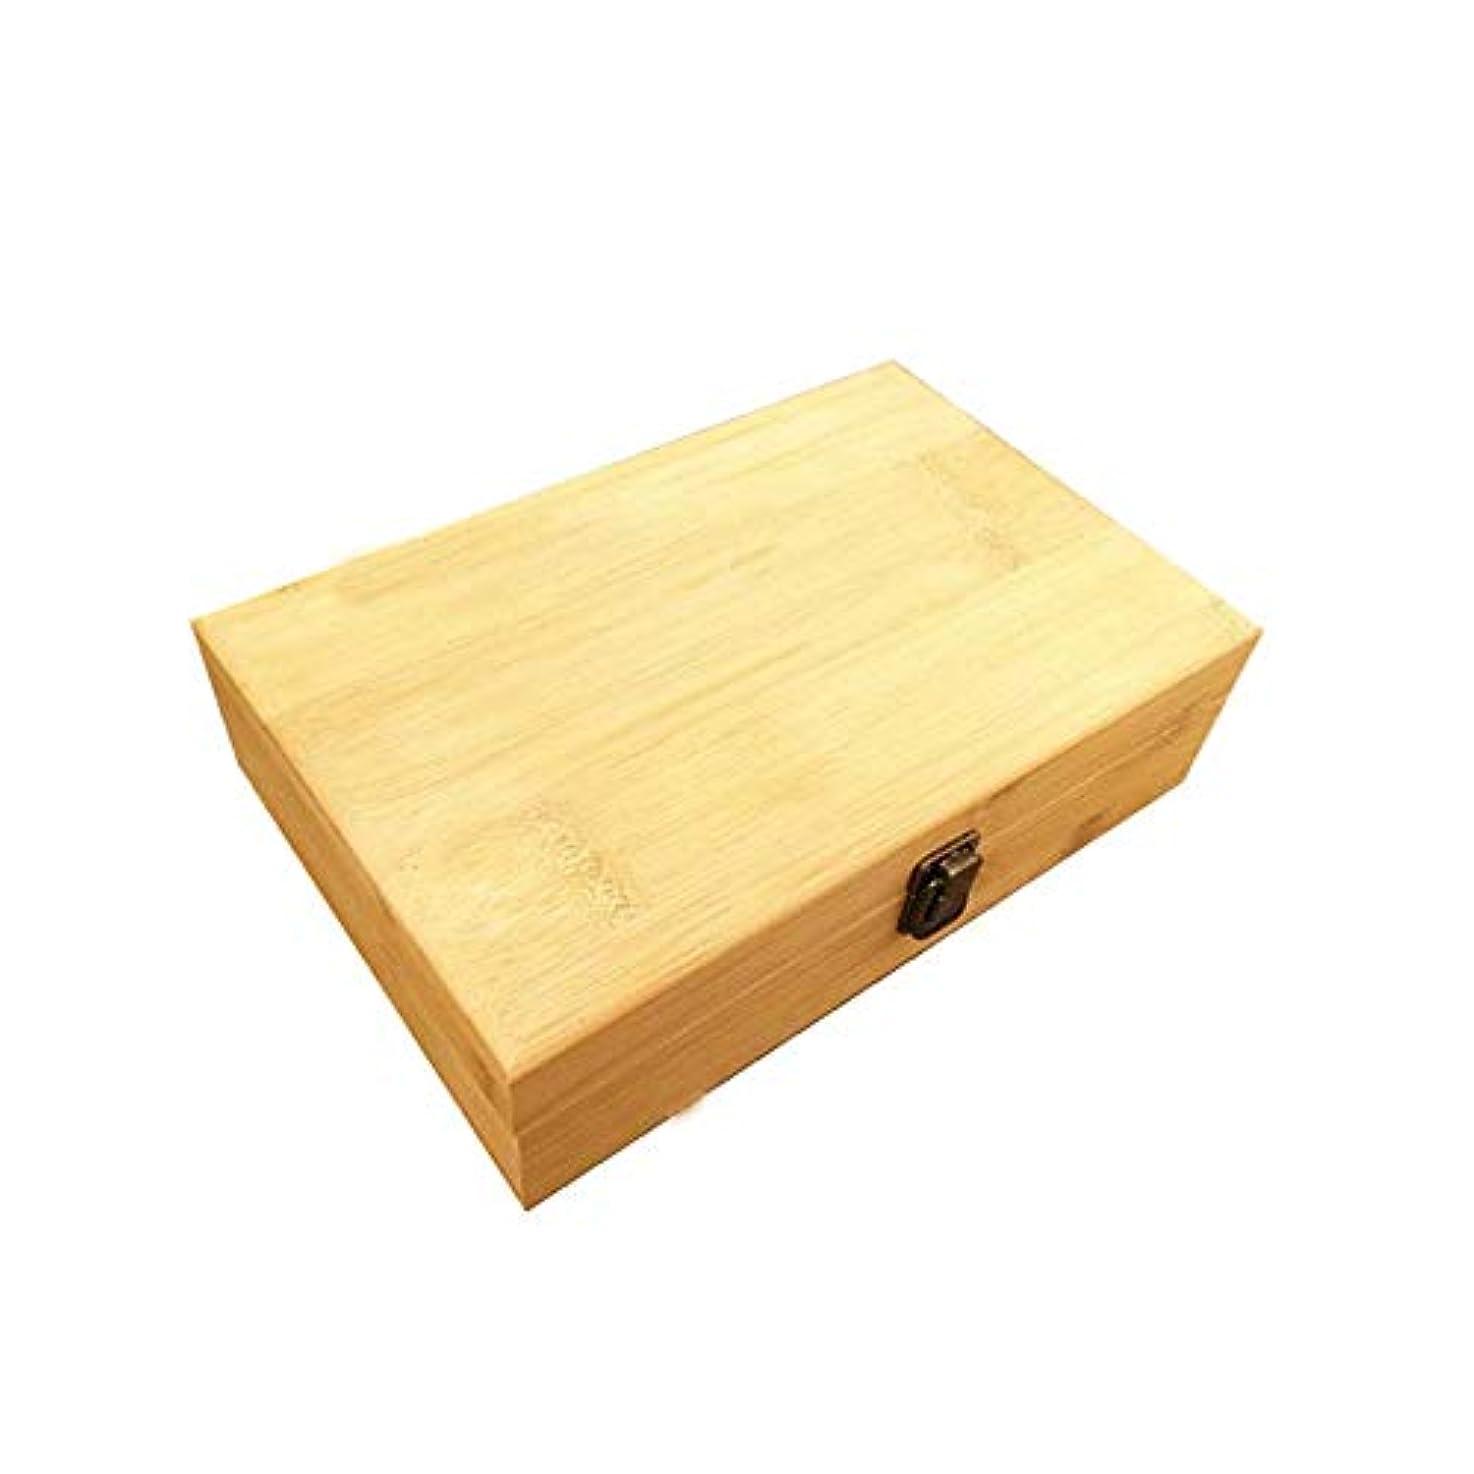 慣性支払い振動させるエッセンシャルオイルボックス 40スロットオイルボックス木製収納ボックススペースを節約するために取り付けられた友人のための完全なギフトです。 アロマセラピー収納ボックス (色 : Natural, サイズ : 29X18.5X8CM)